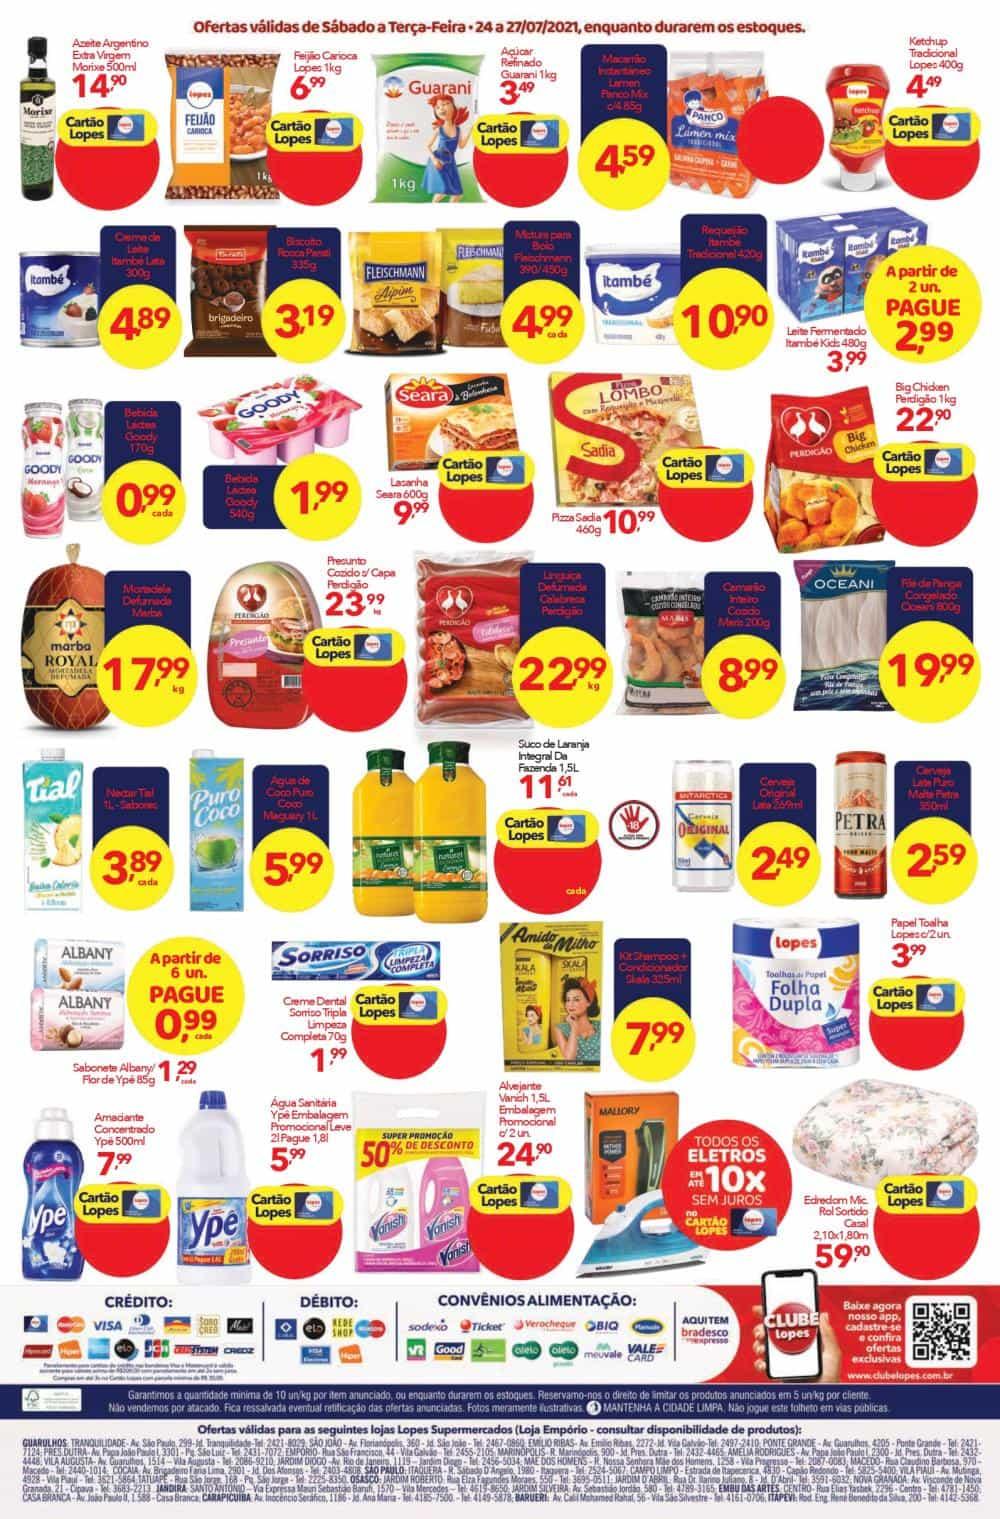 Ofertas Lopes Supermercados até 27/07